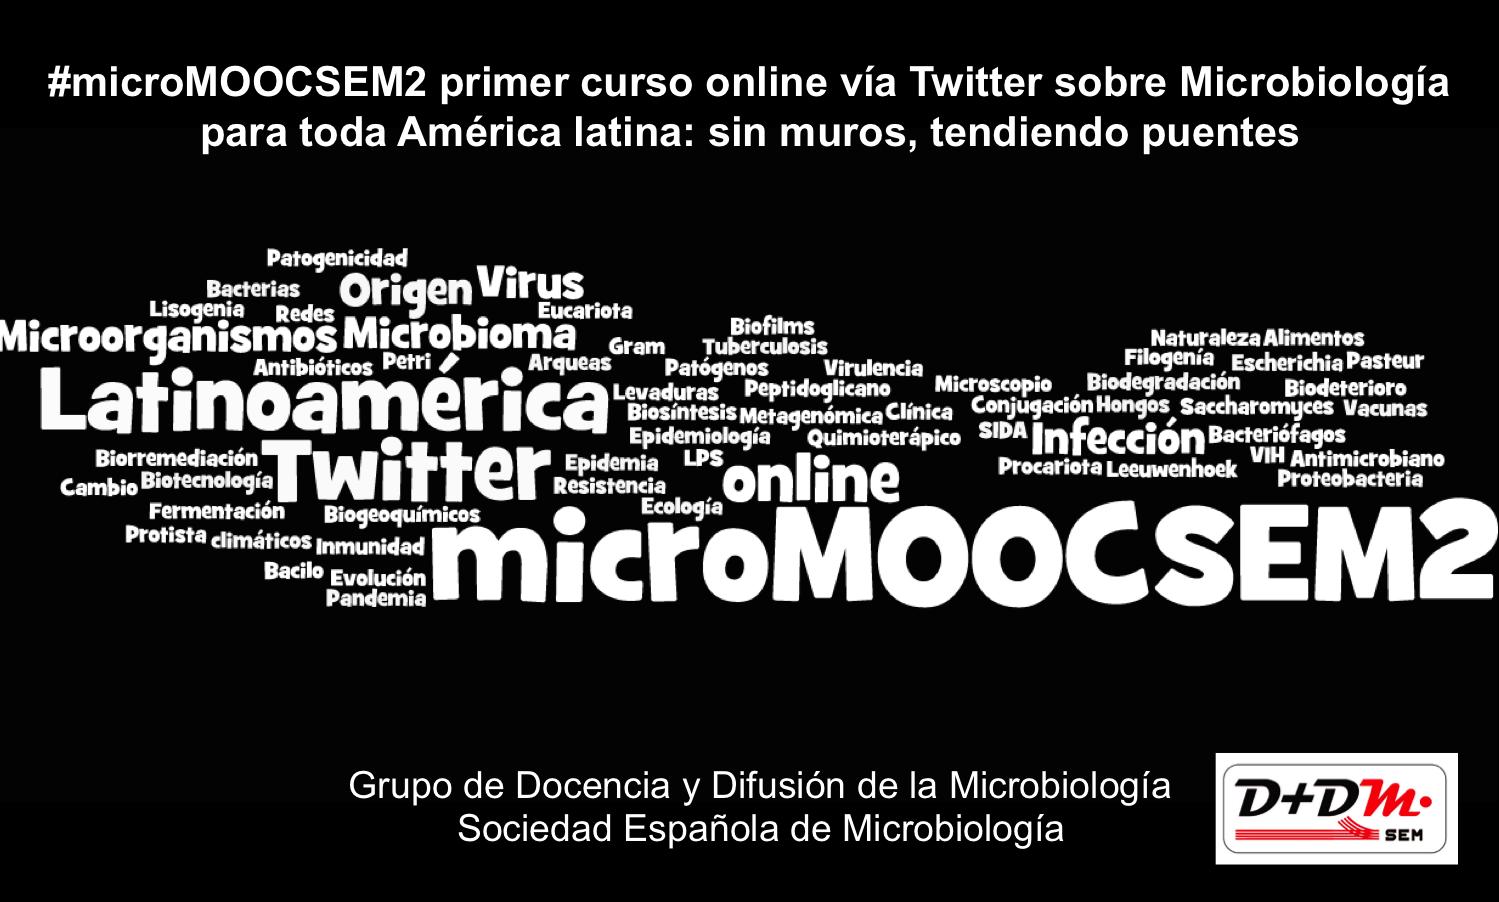 Comienza #microMOOCSEM2 el curso de microbiología vía Twitter y Facebook para España y toda América latina https://t.co/446V1mR1Qx